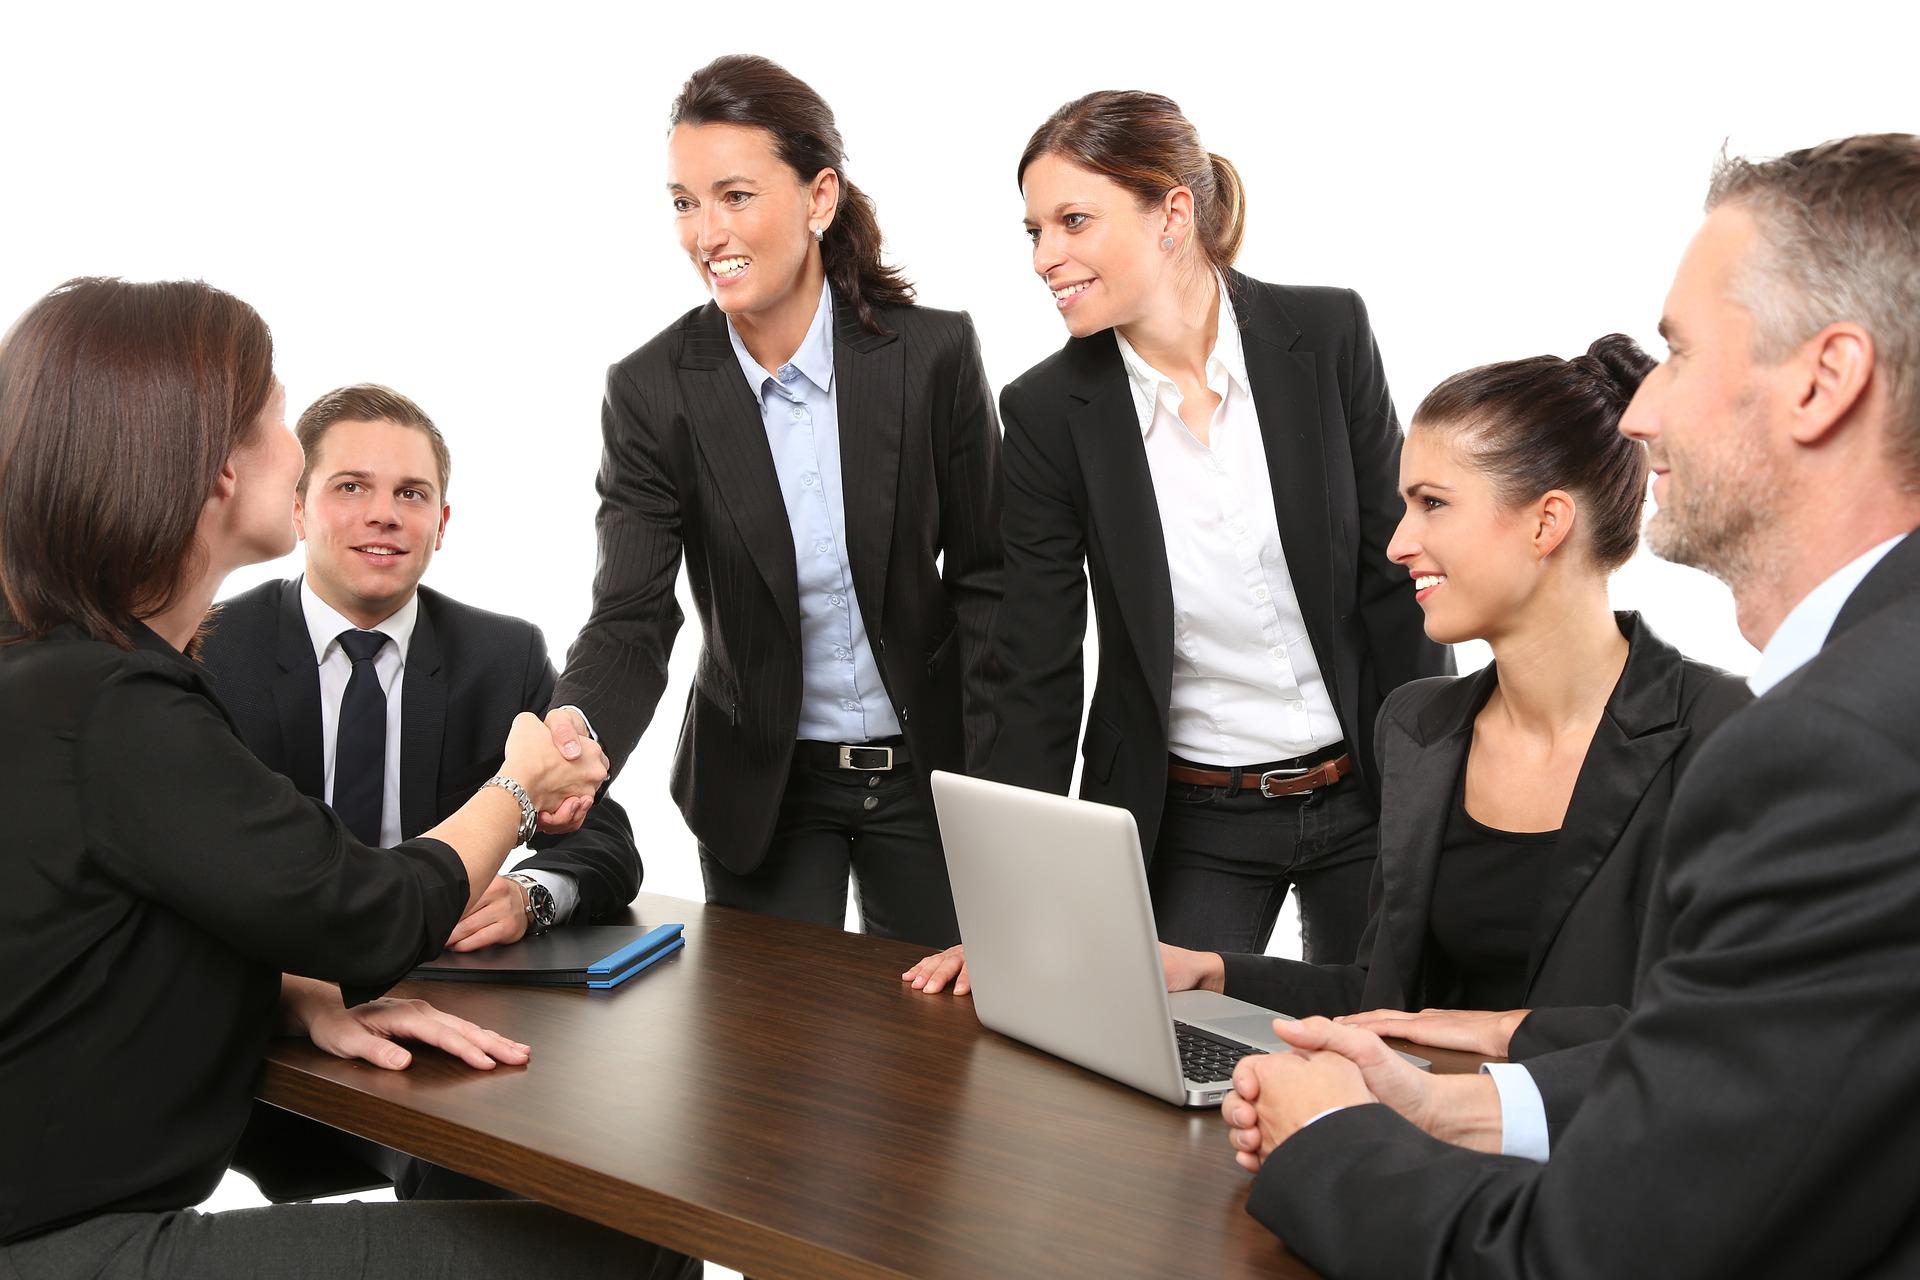 Backstage: Bewerbung im Consulting – die Studentische Beratung